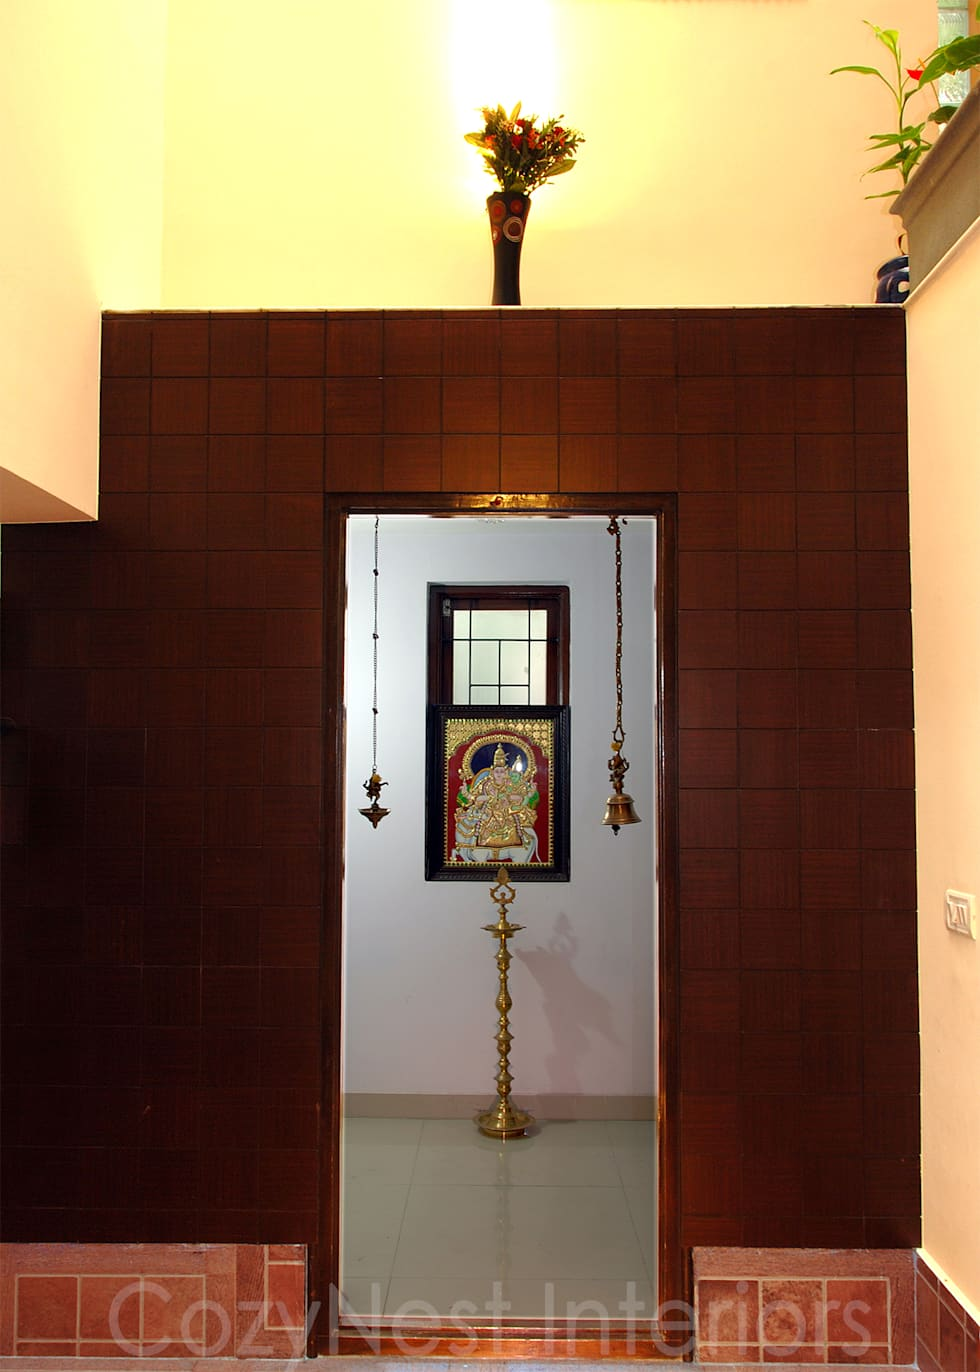 Interior design ideas inspiration pictures homify - Homedesignlover com ...